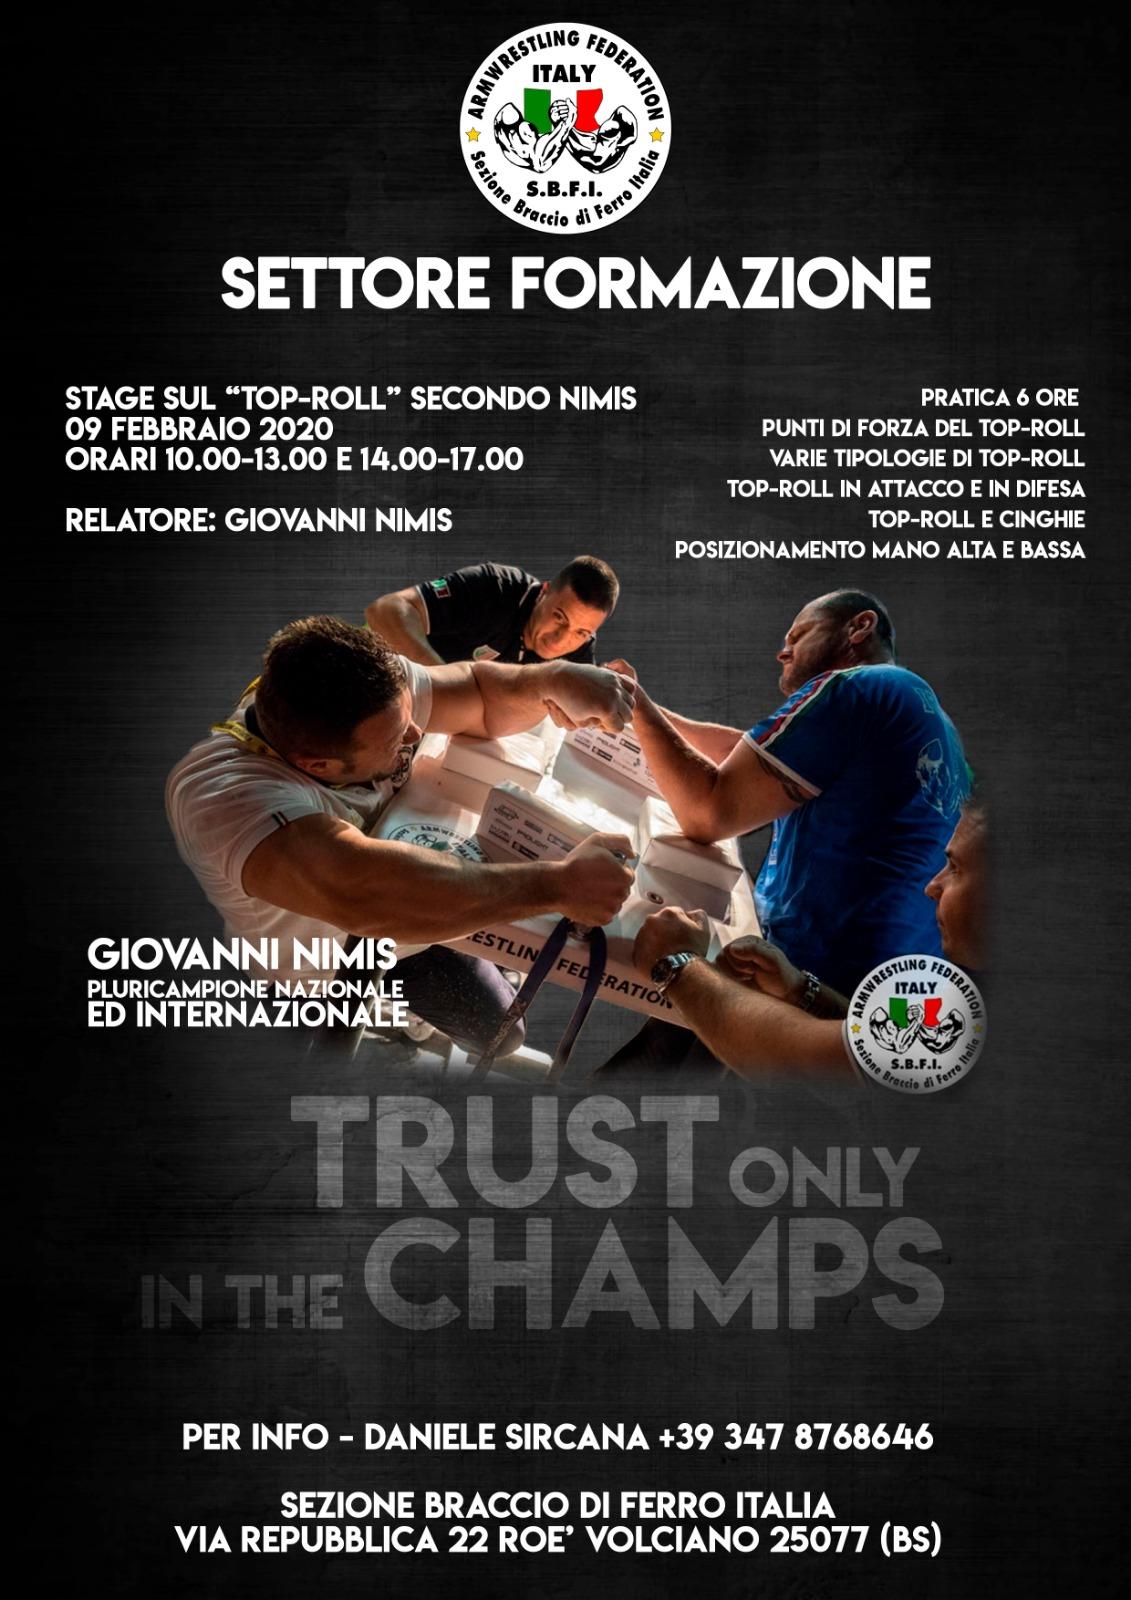 SBFI - Sezione Braccio di Ferro Italia - Stage Top Roll secondo Giovanni Nimis